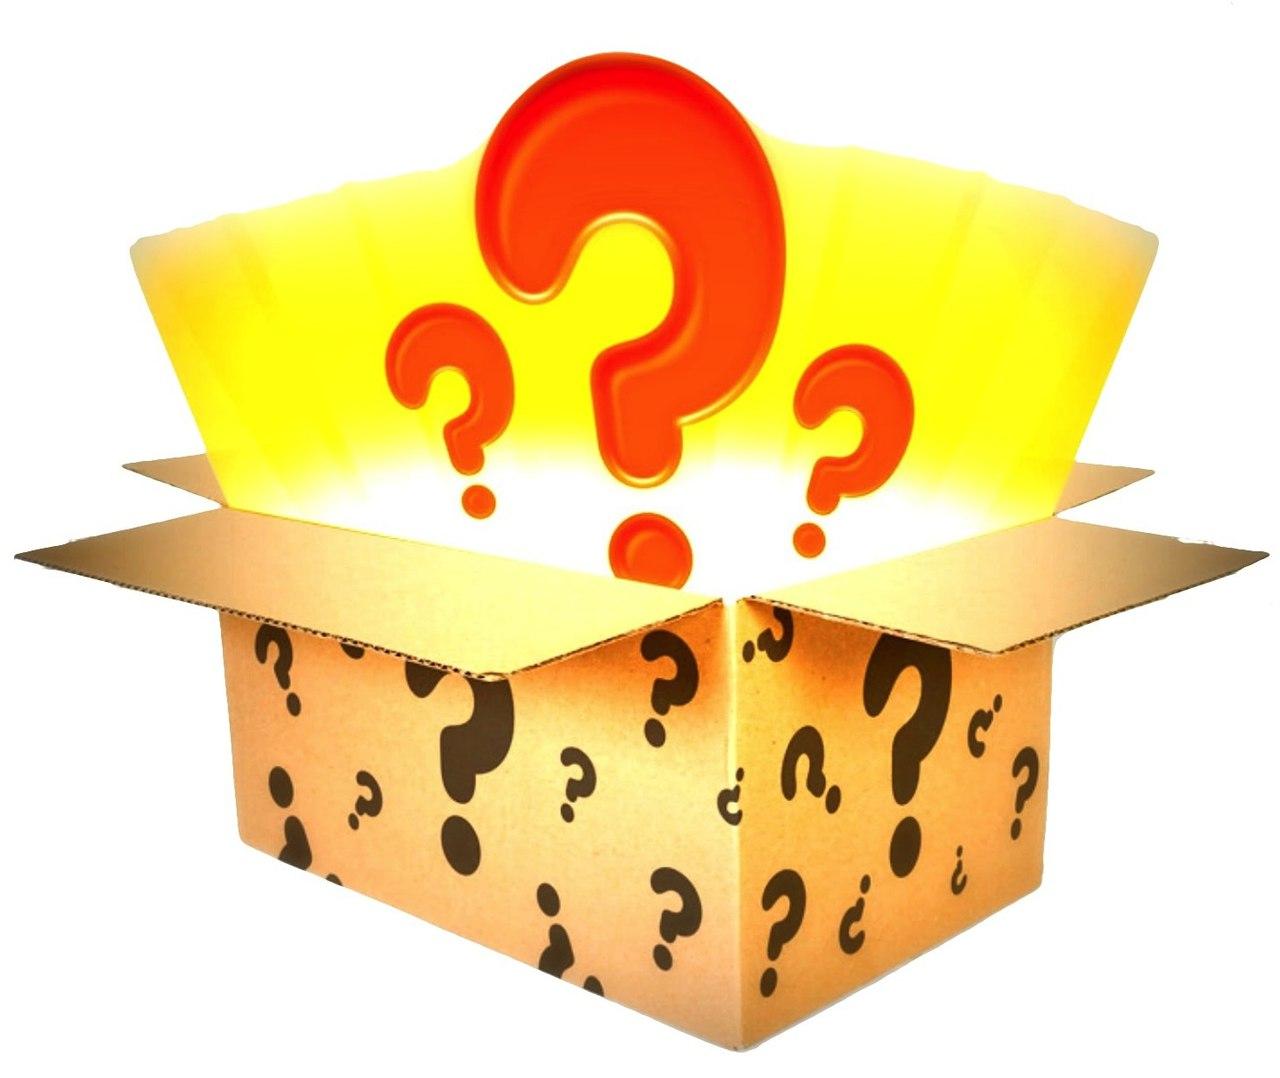 Викторина по сказке Подарки феи - тест онлайн игра - вопросы с 78